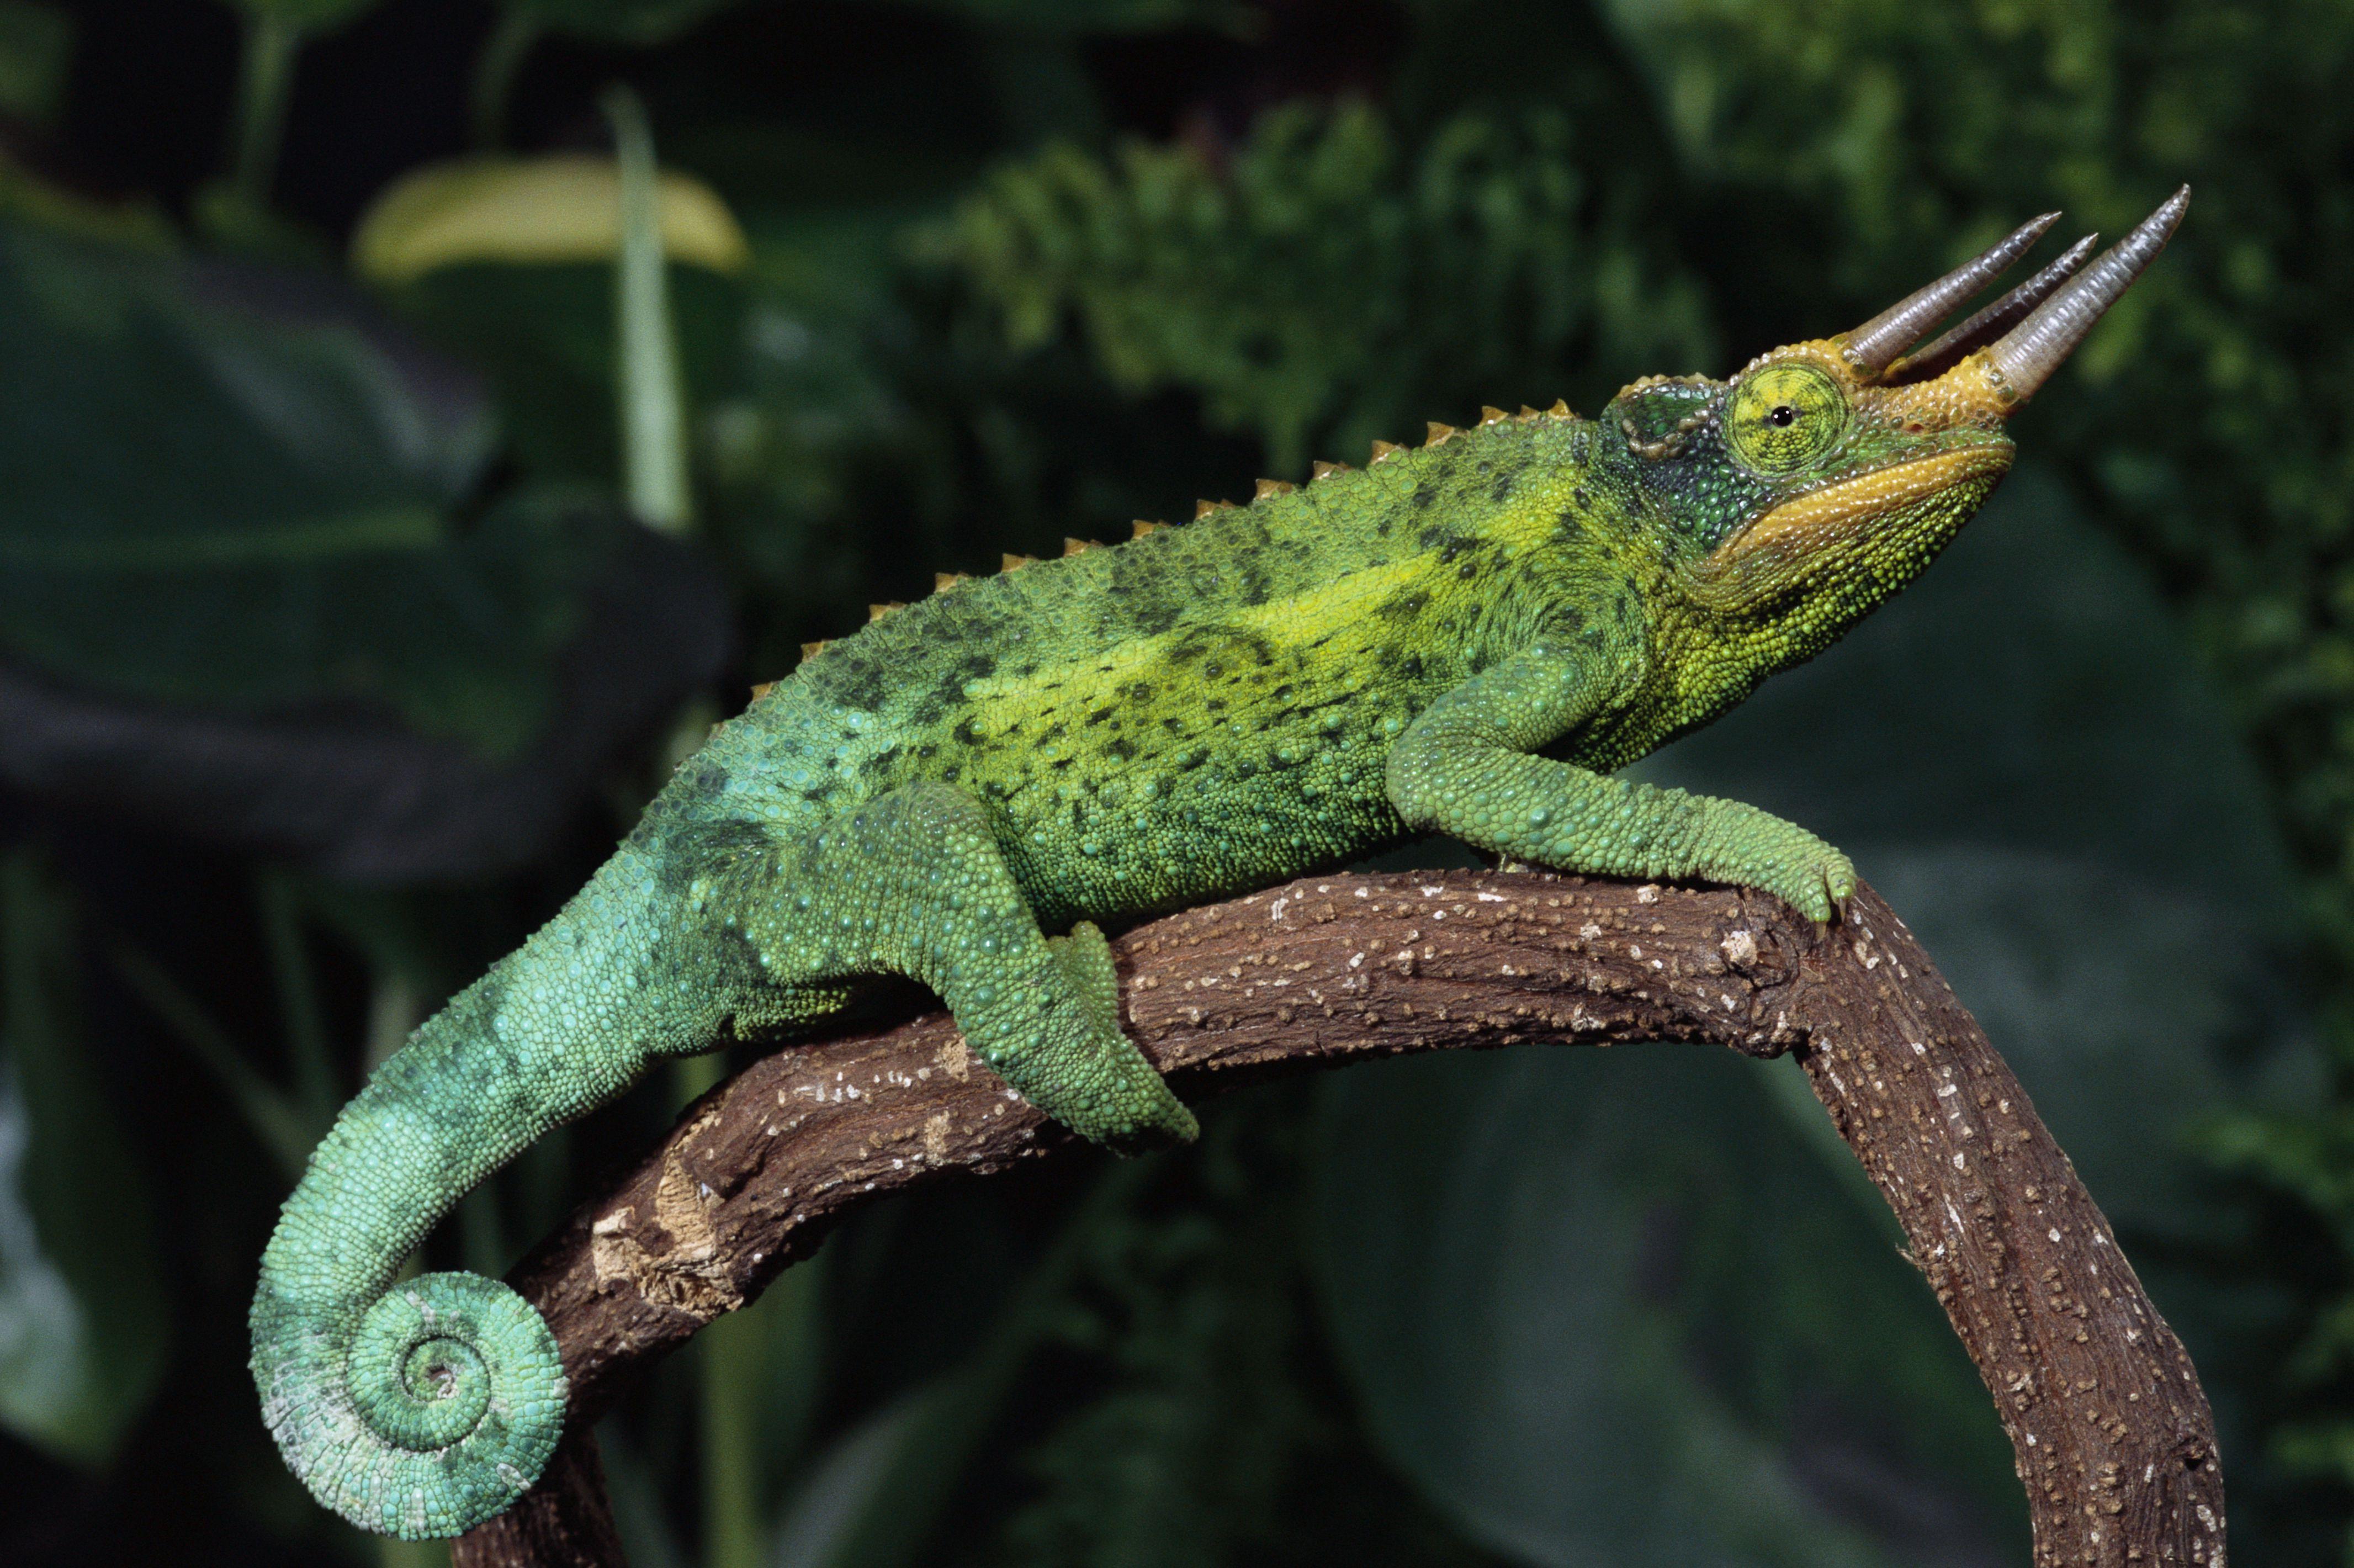 Jackson's Chameleon on Branch